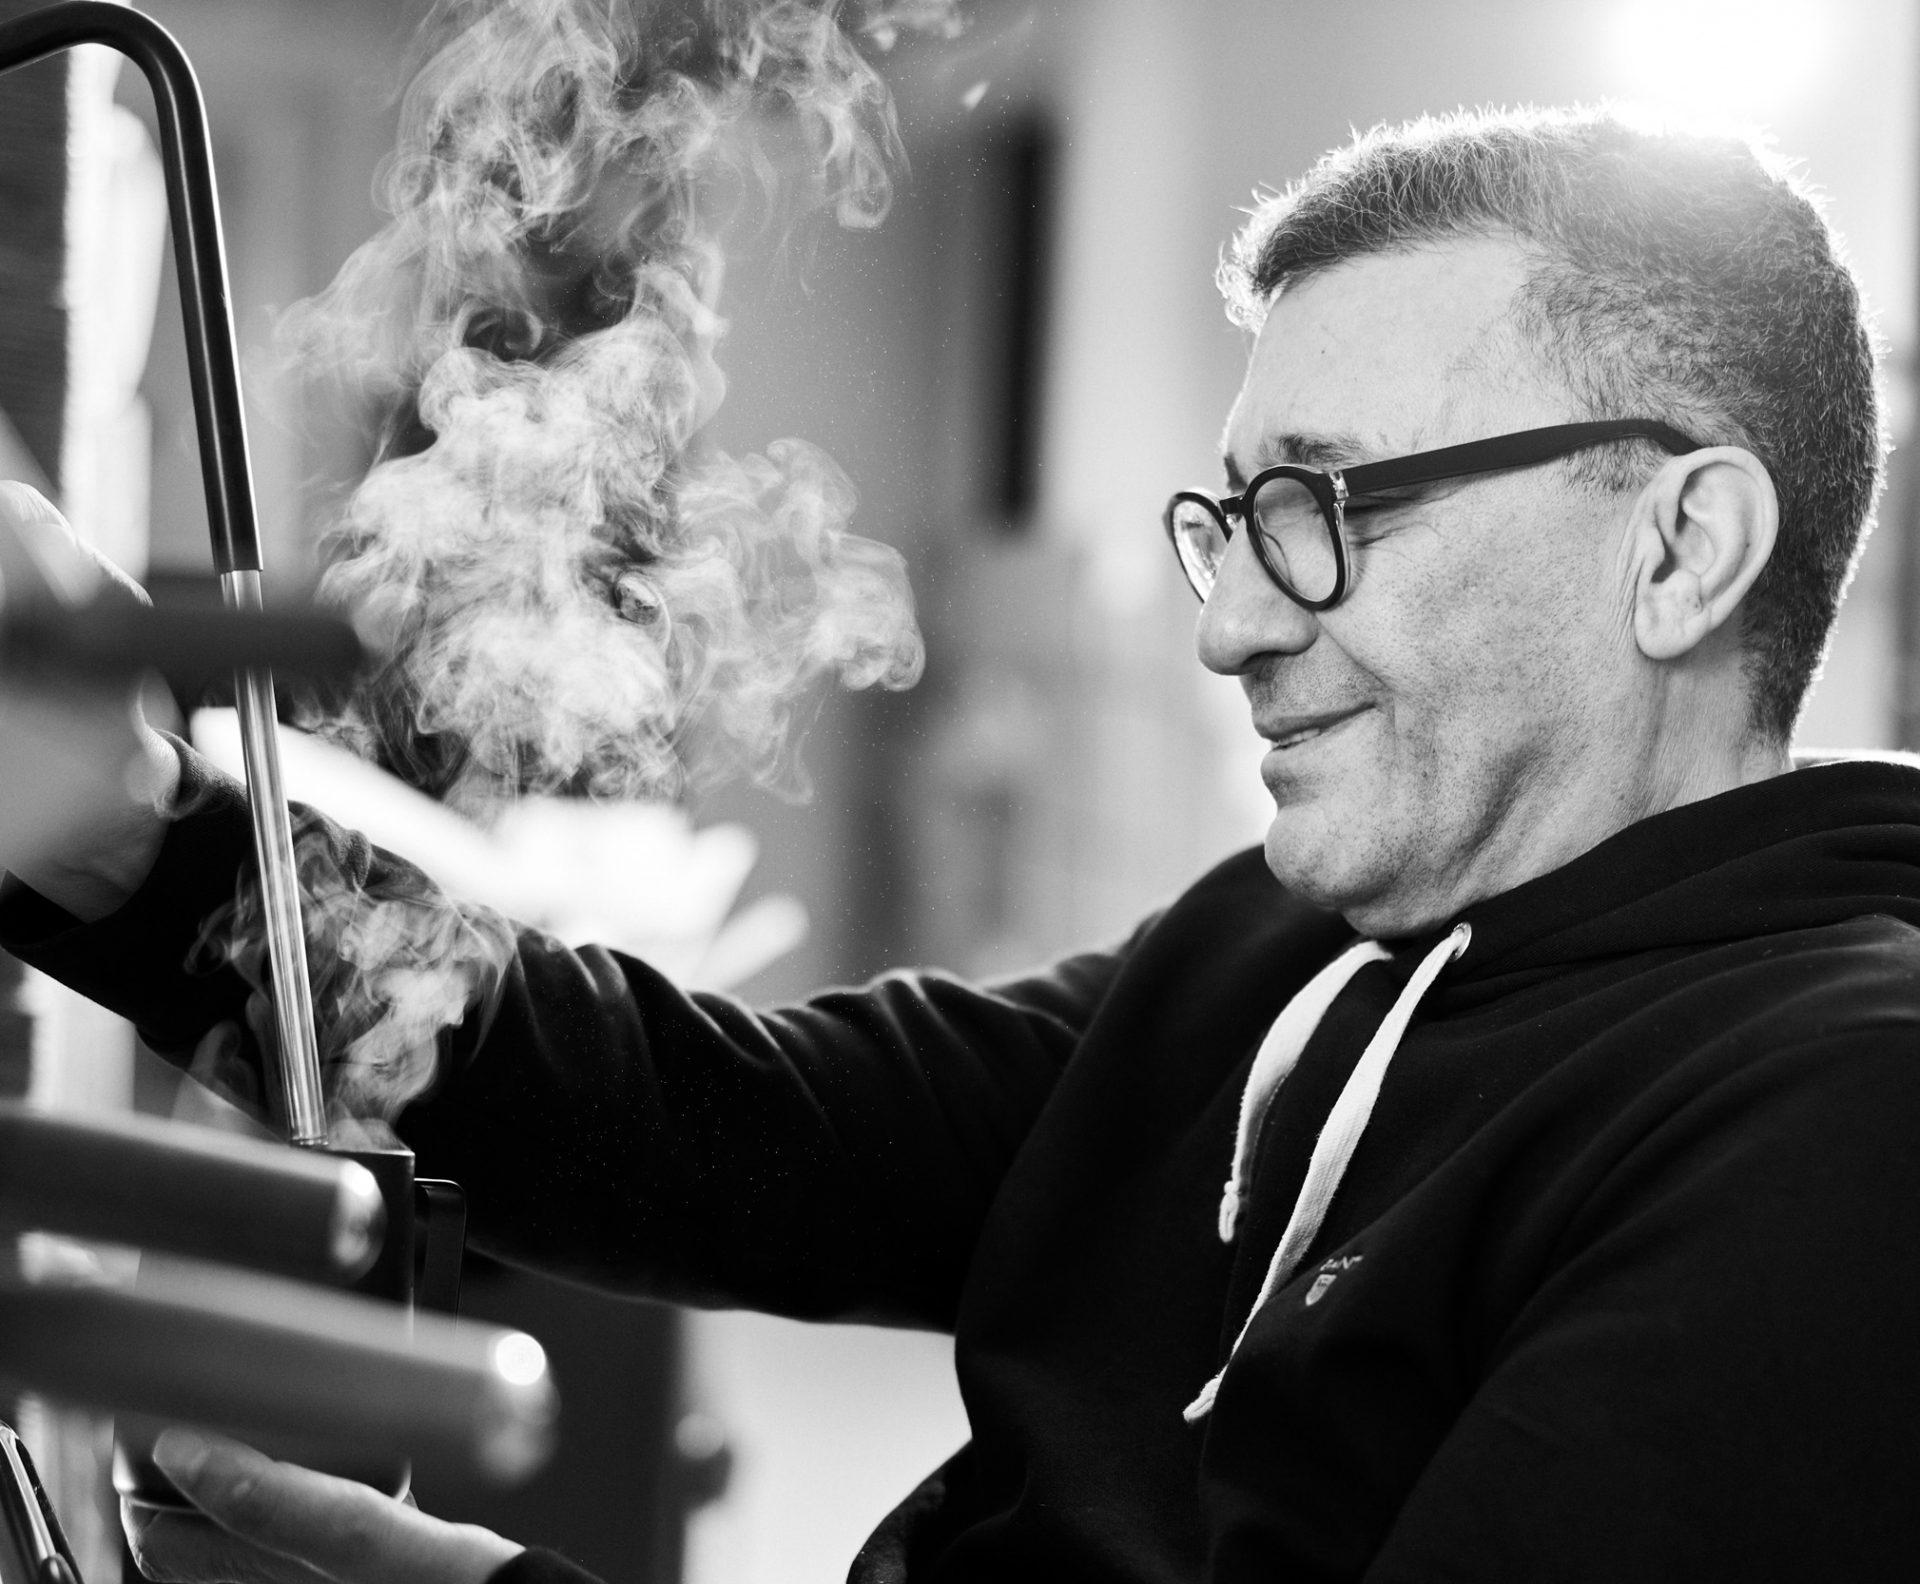 Far og søn i nyt eventyr sammen: Fra restauratører i Jægergårdsgade til kaffeproducenter i Lading